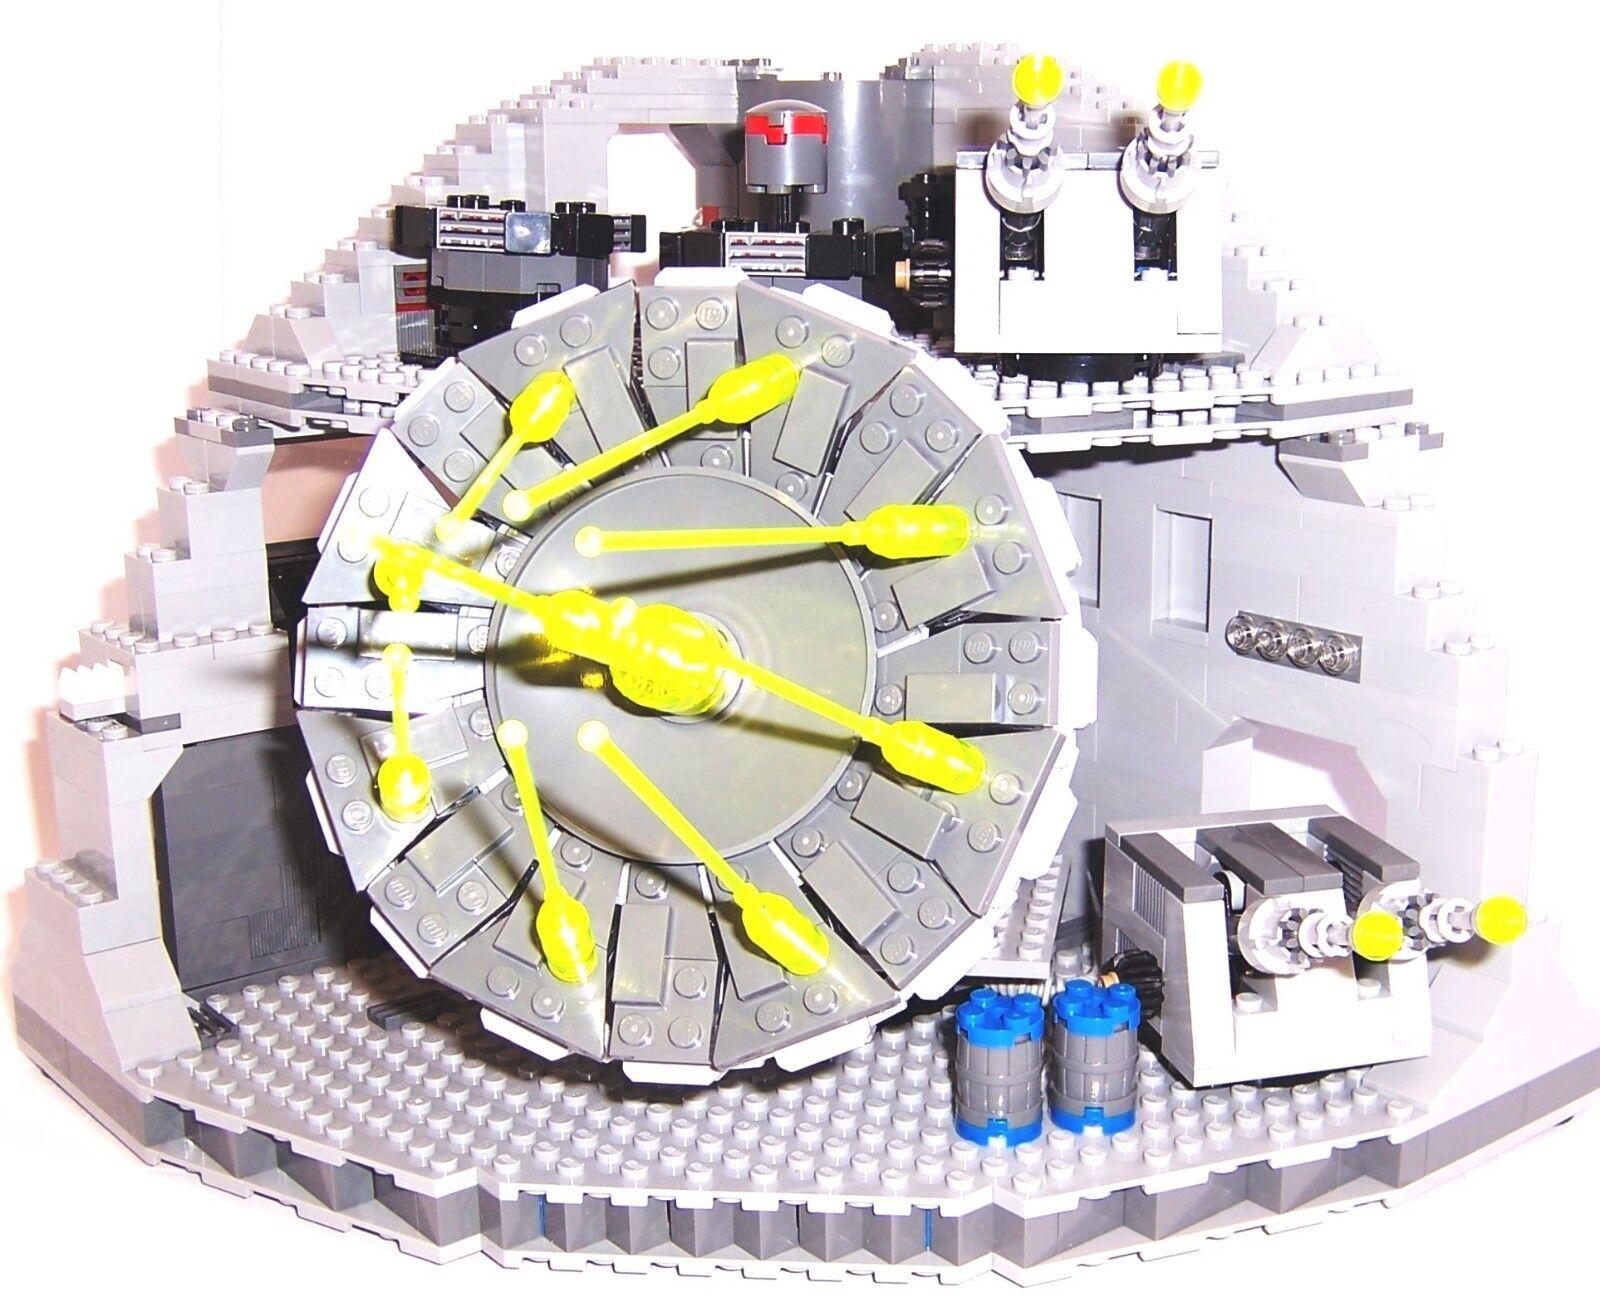 Lego Star Wars Originalnachbau Superlaser Todestern 75159 + 4 x Kanone aus 10188